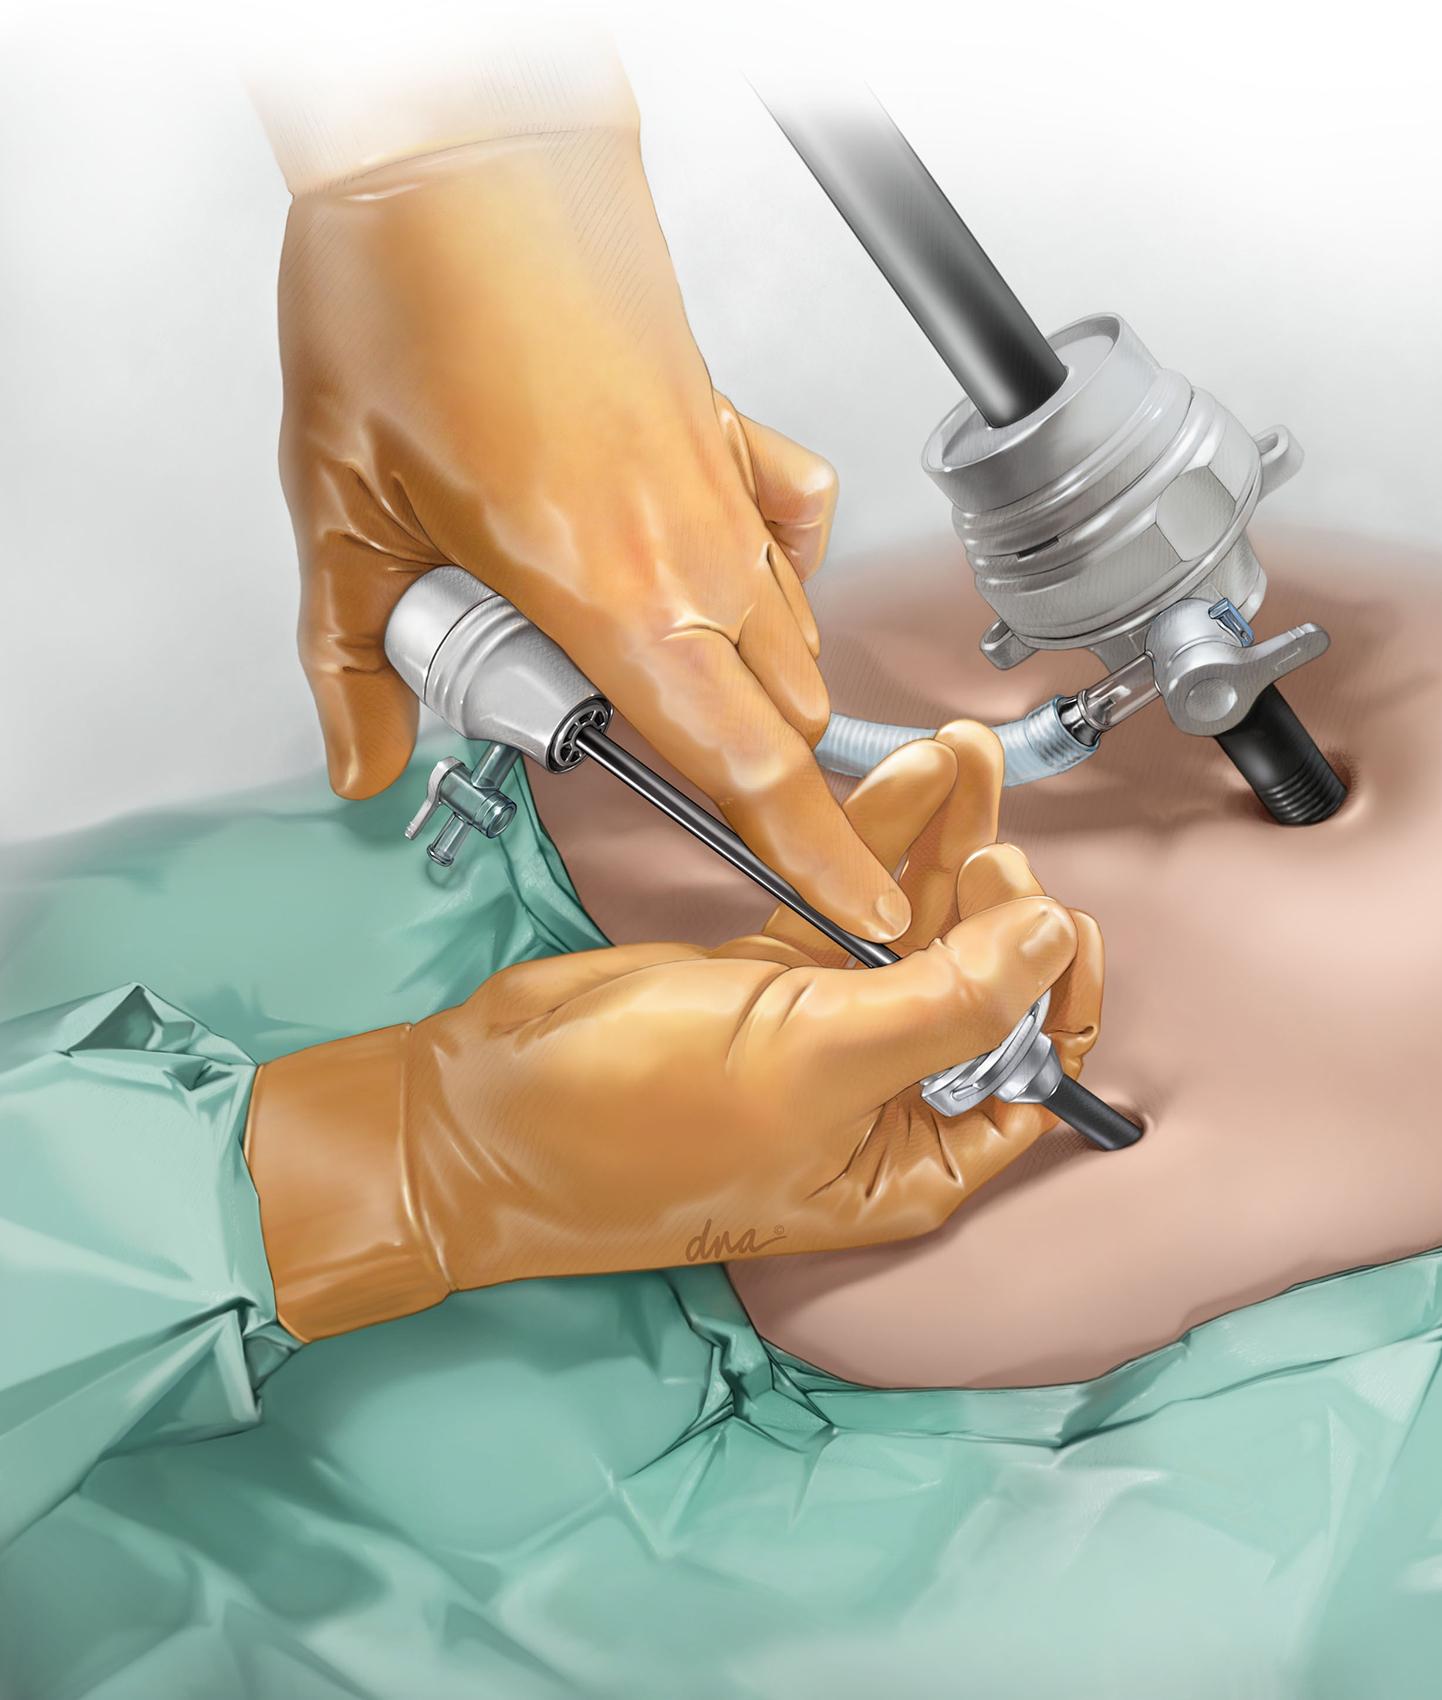 Mini Laparotomy